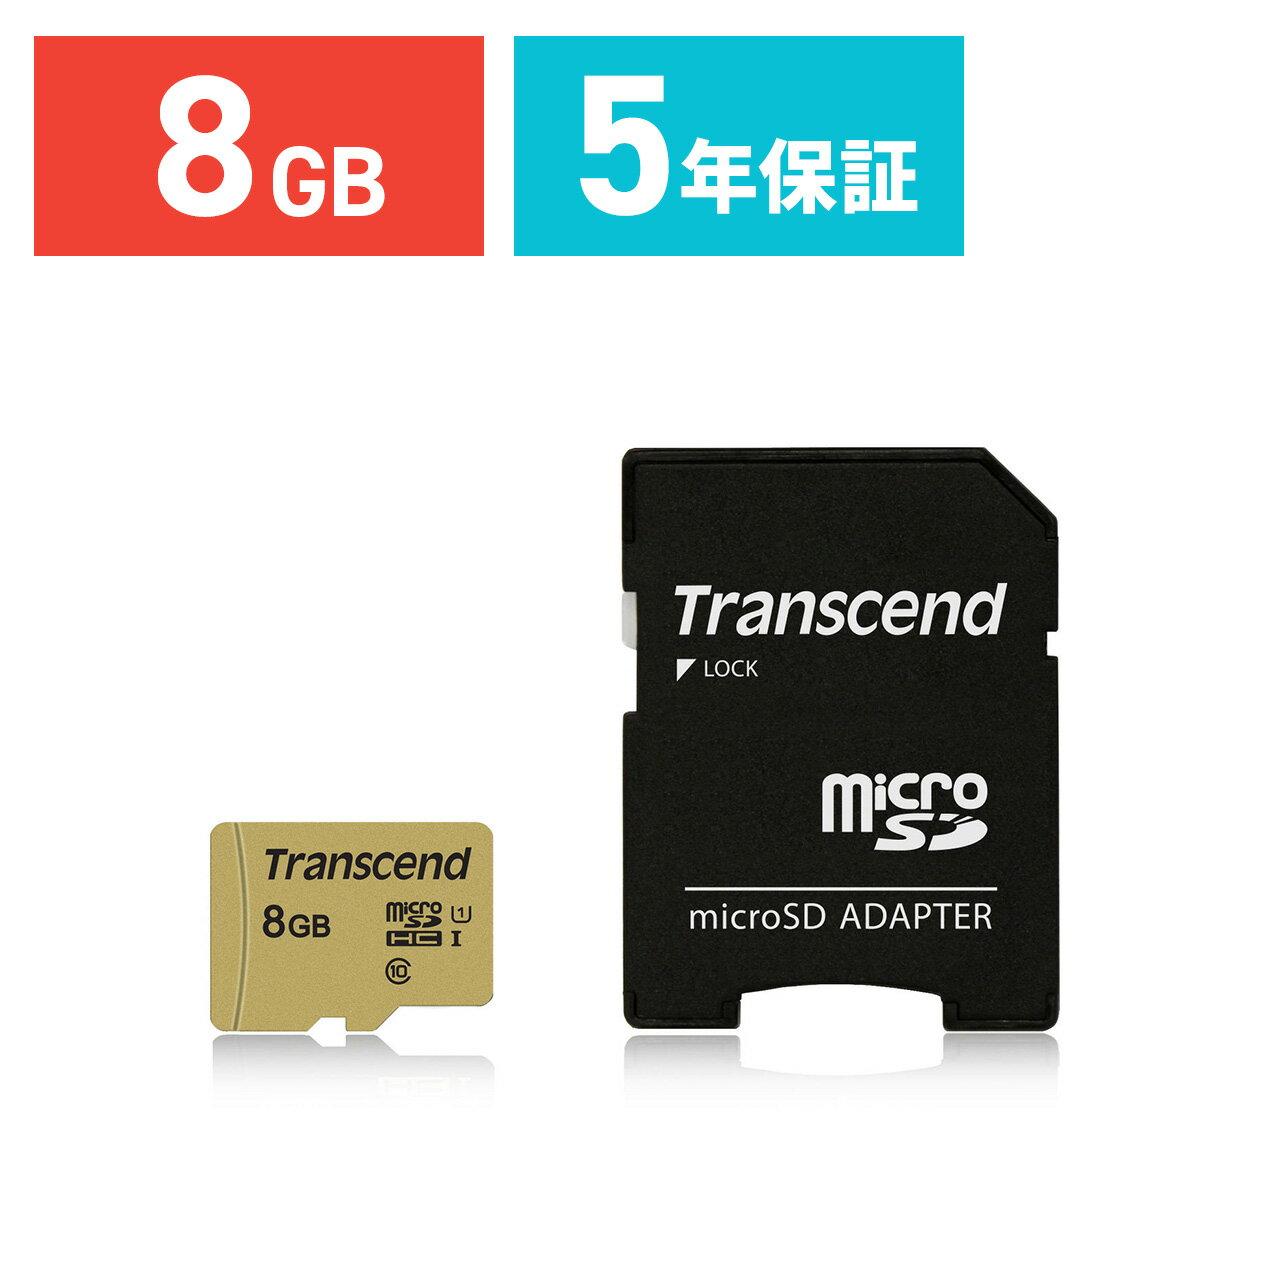 Transcend microSDカード 8GB ハイグレードタイプ Class10 UHS-I microSDHCカード 5年保証 マイクロSD クラス10 スマホ SD[TS8GUSD500S]【ネコポス対応】【楽天BOX受取対象商品】